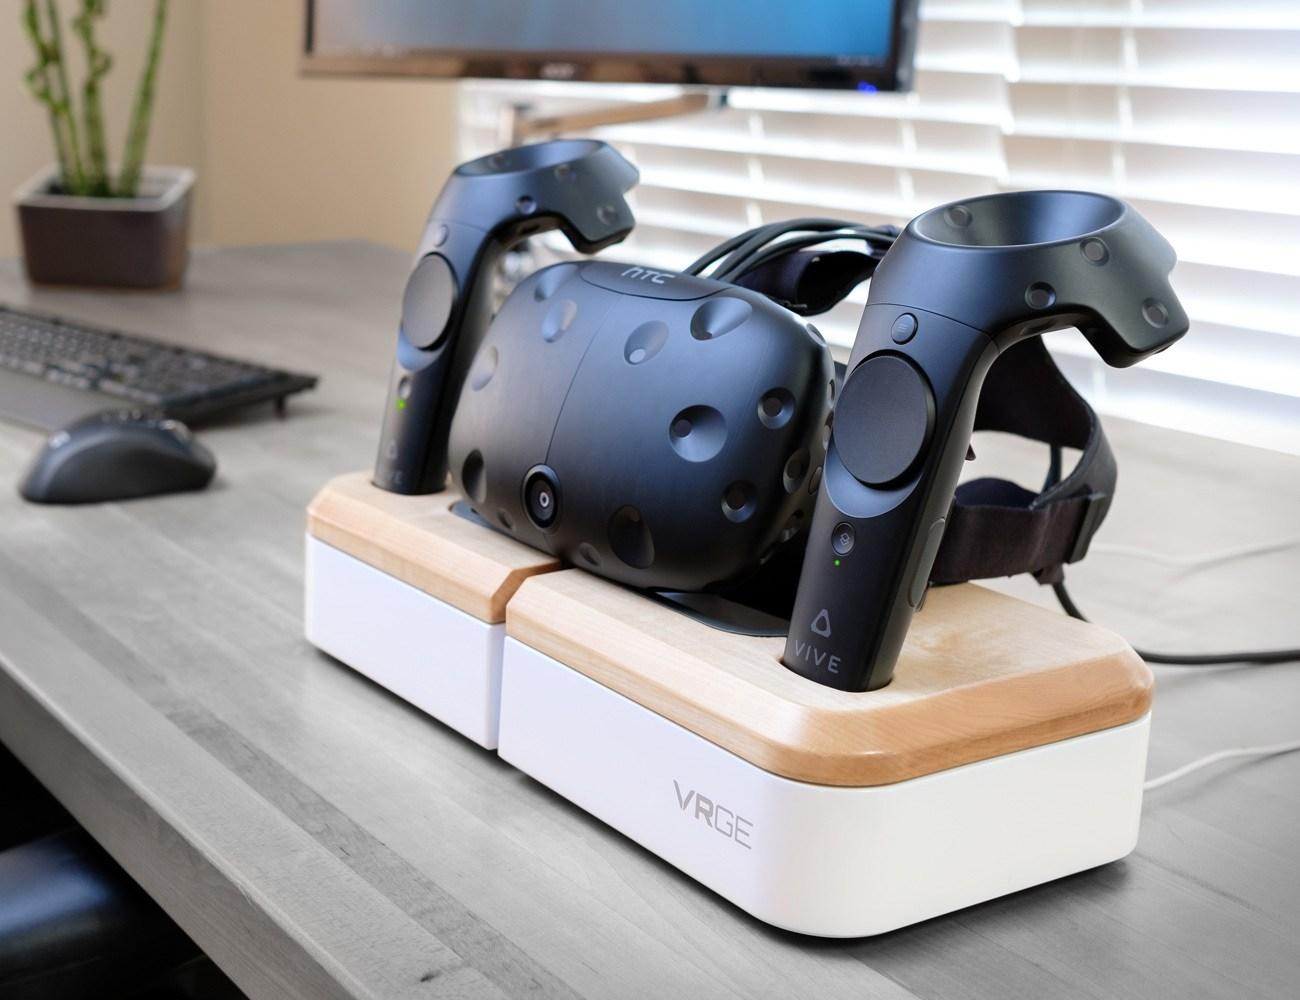 VRGE VR Charging Dock